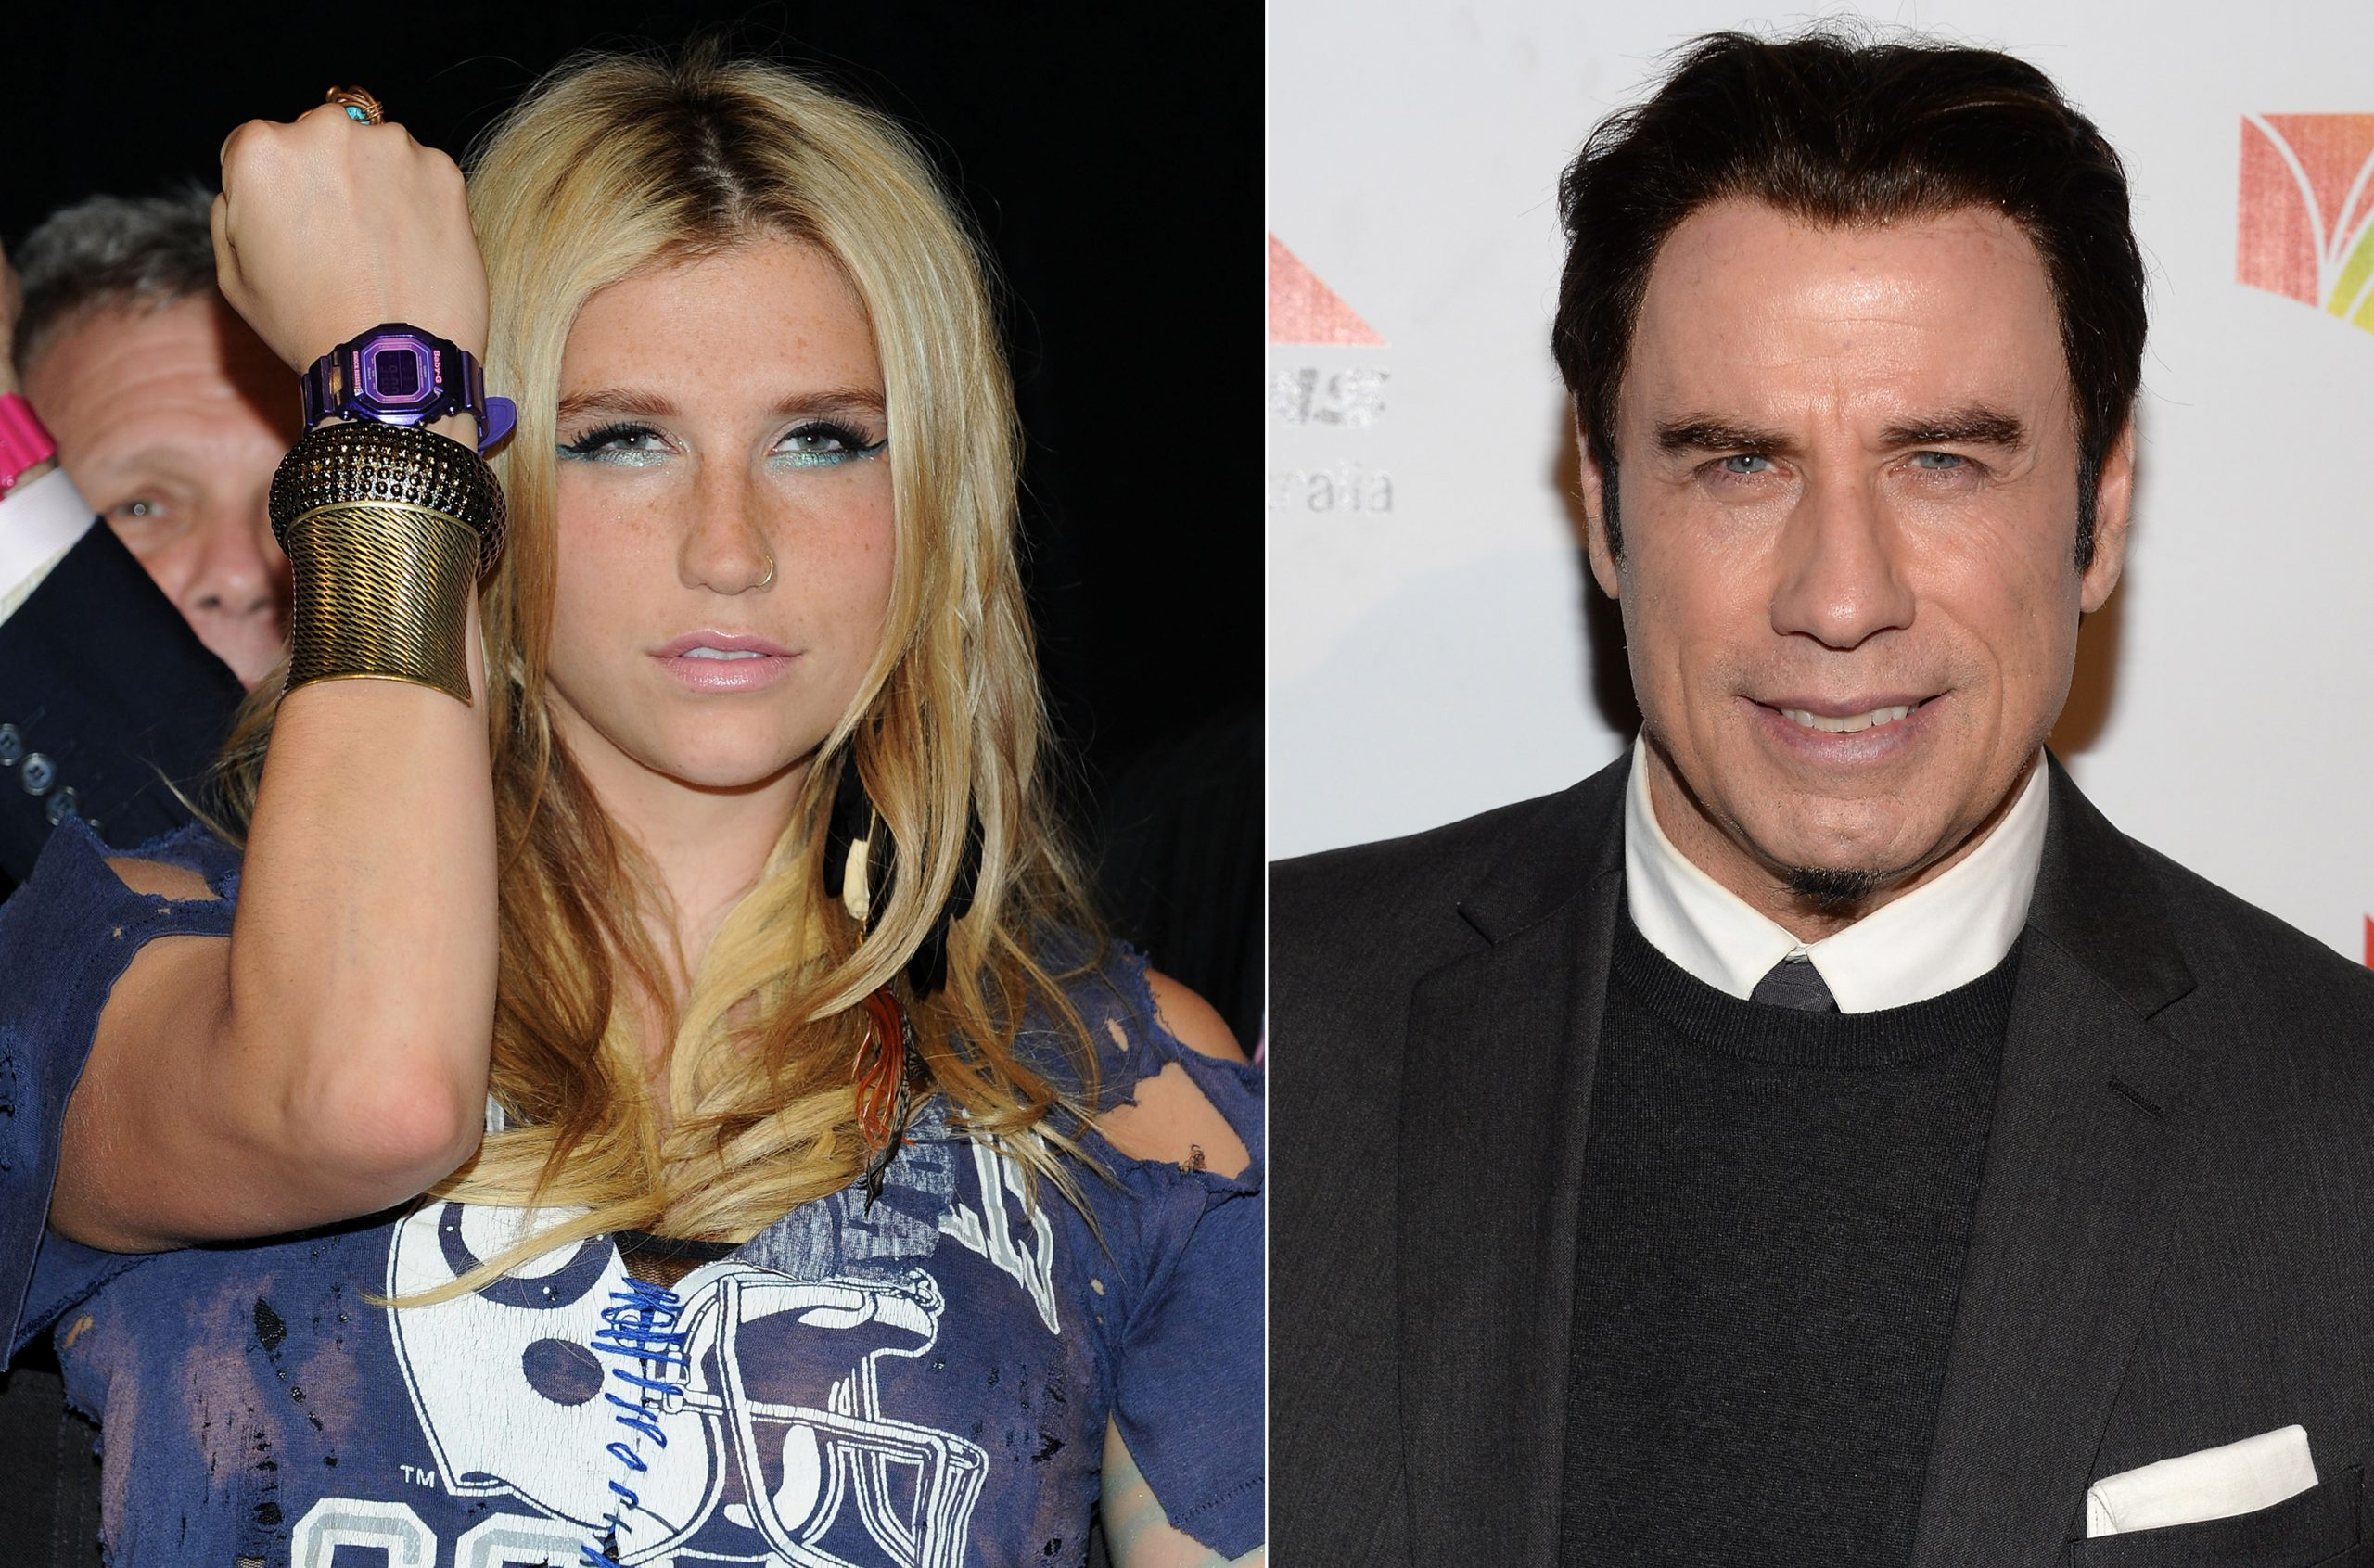 Ke$ha and John Travolta